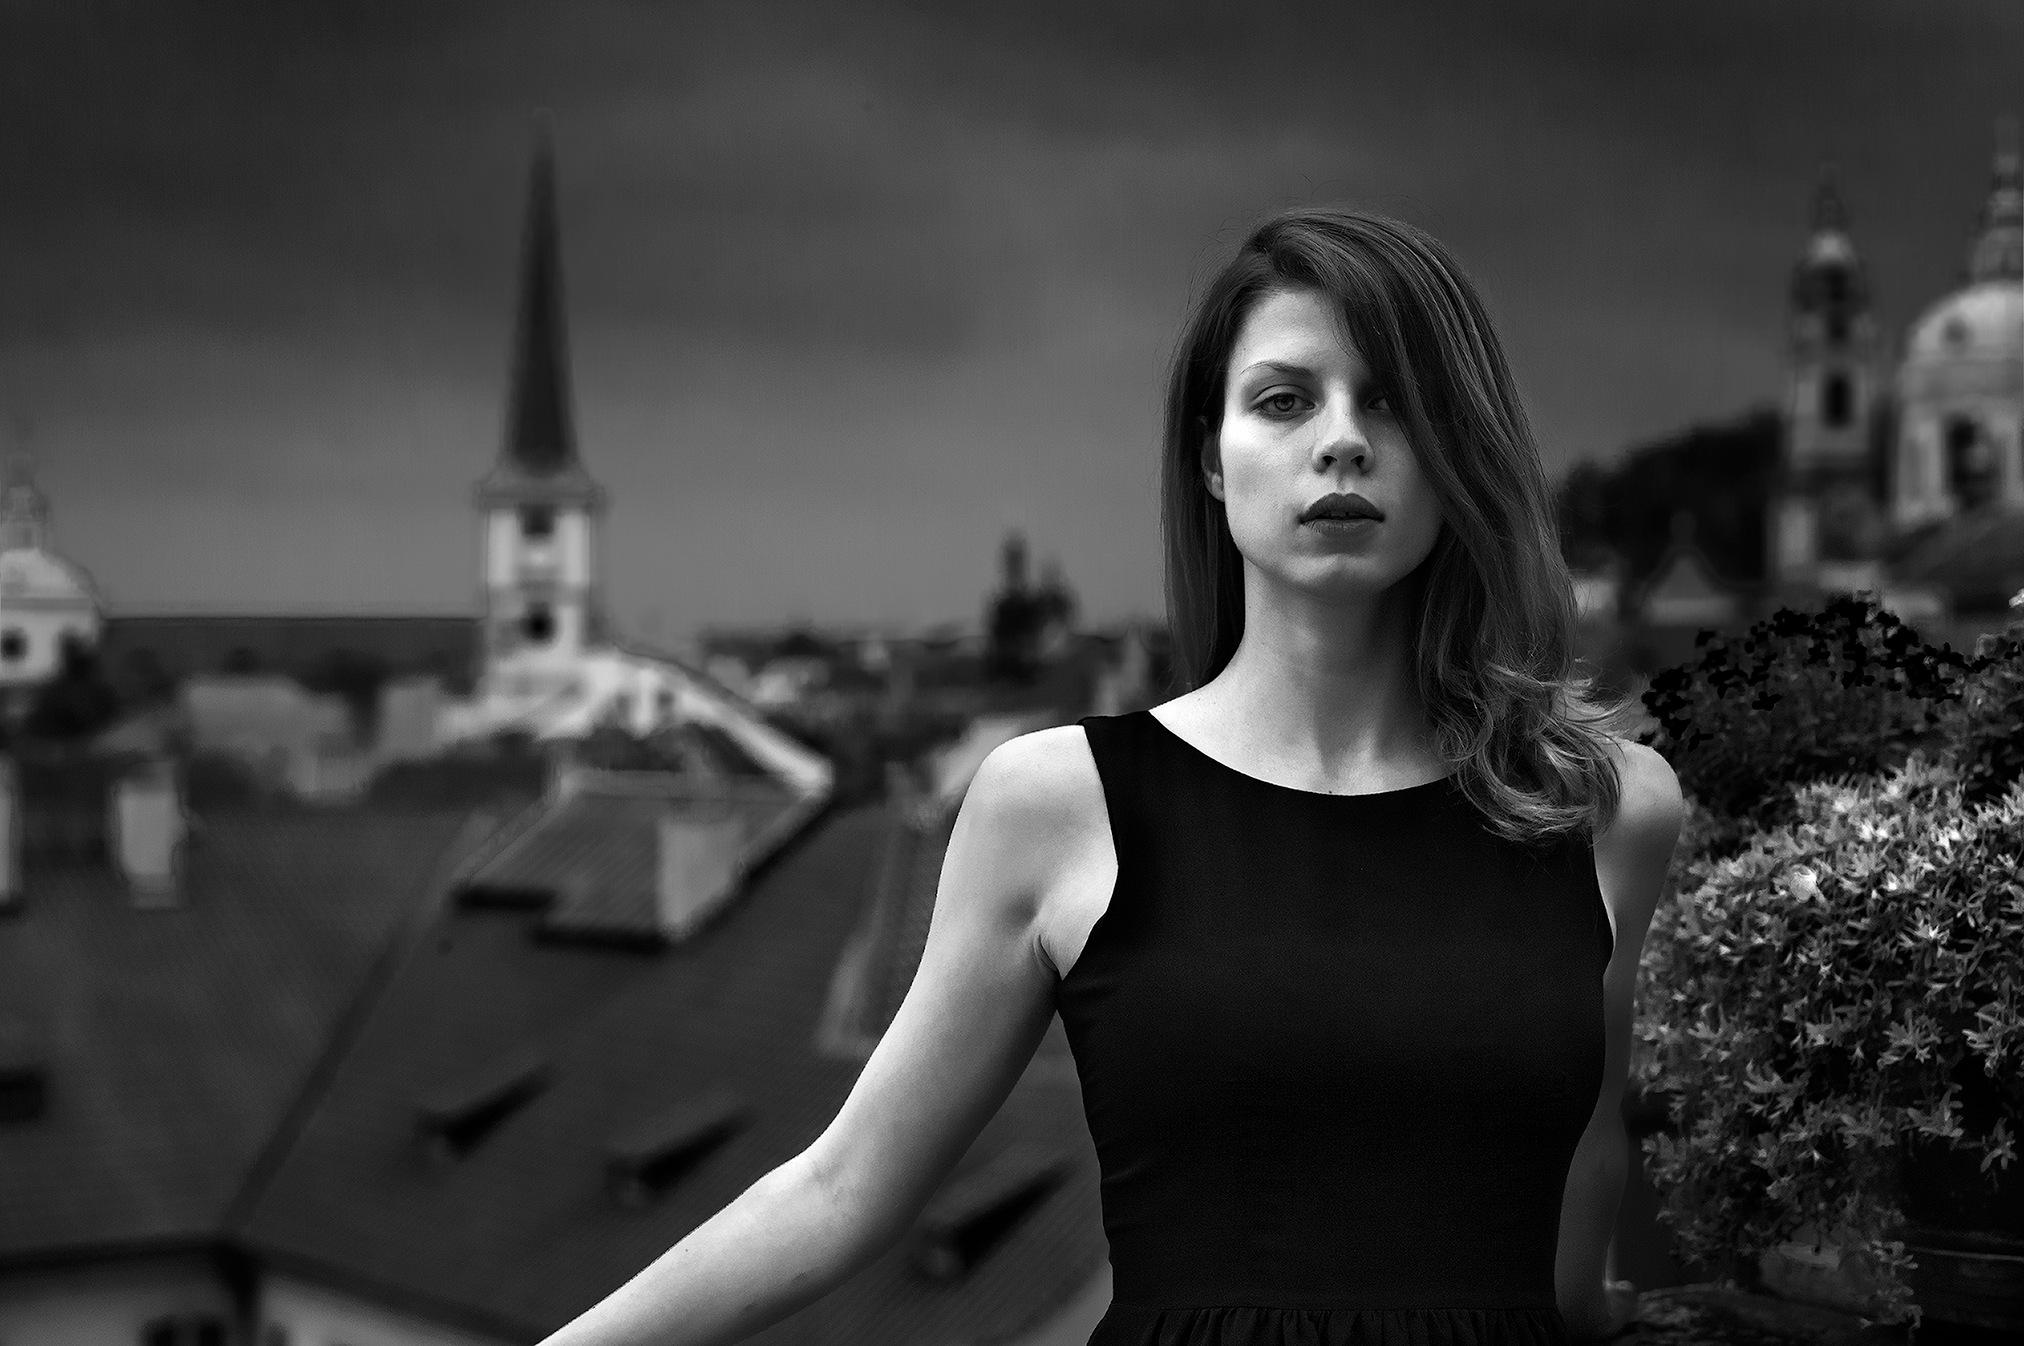 Veronika in Prague by RJPoole